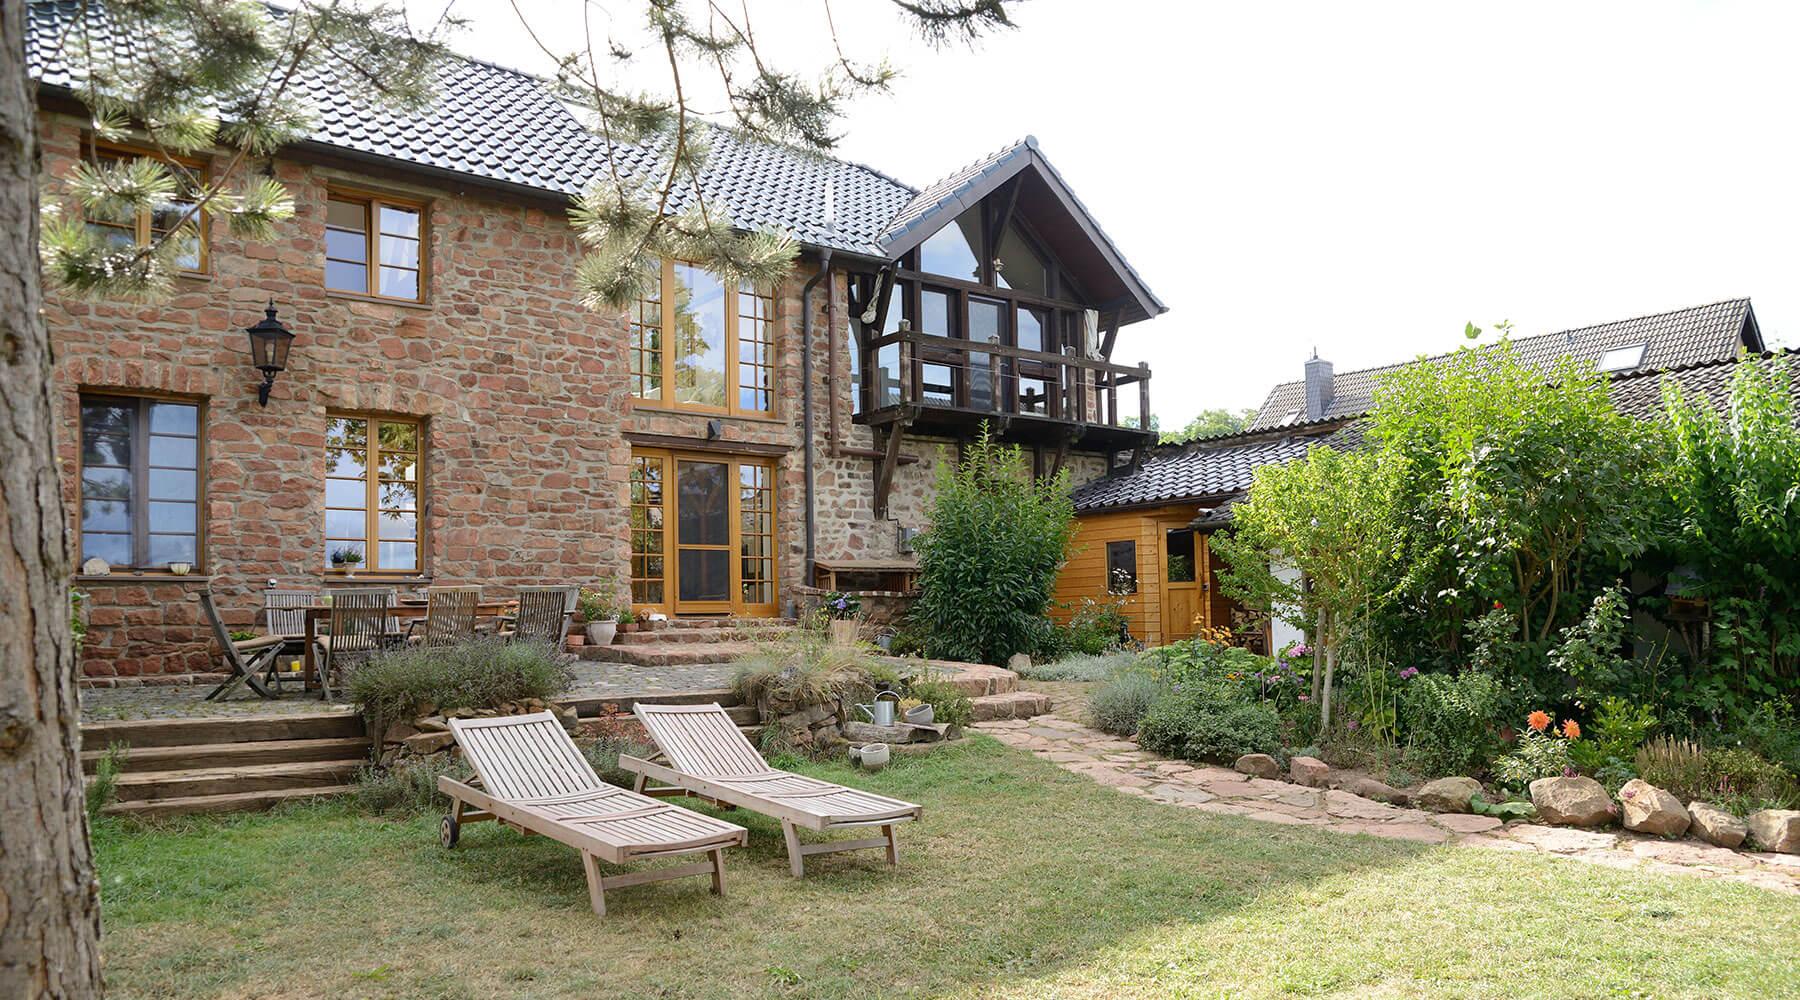 Außenaufnahme Haus mit Garten